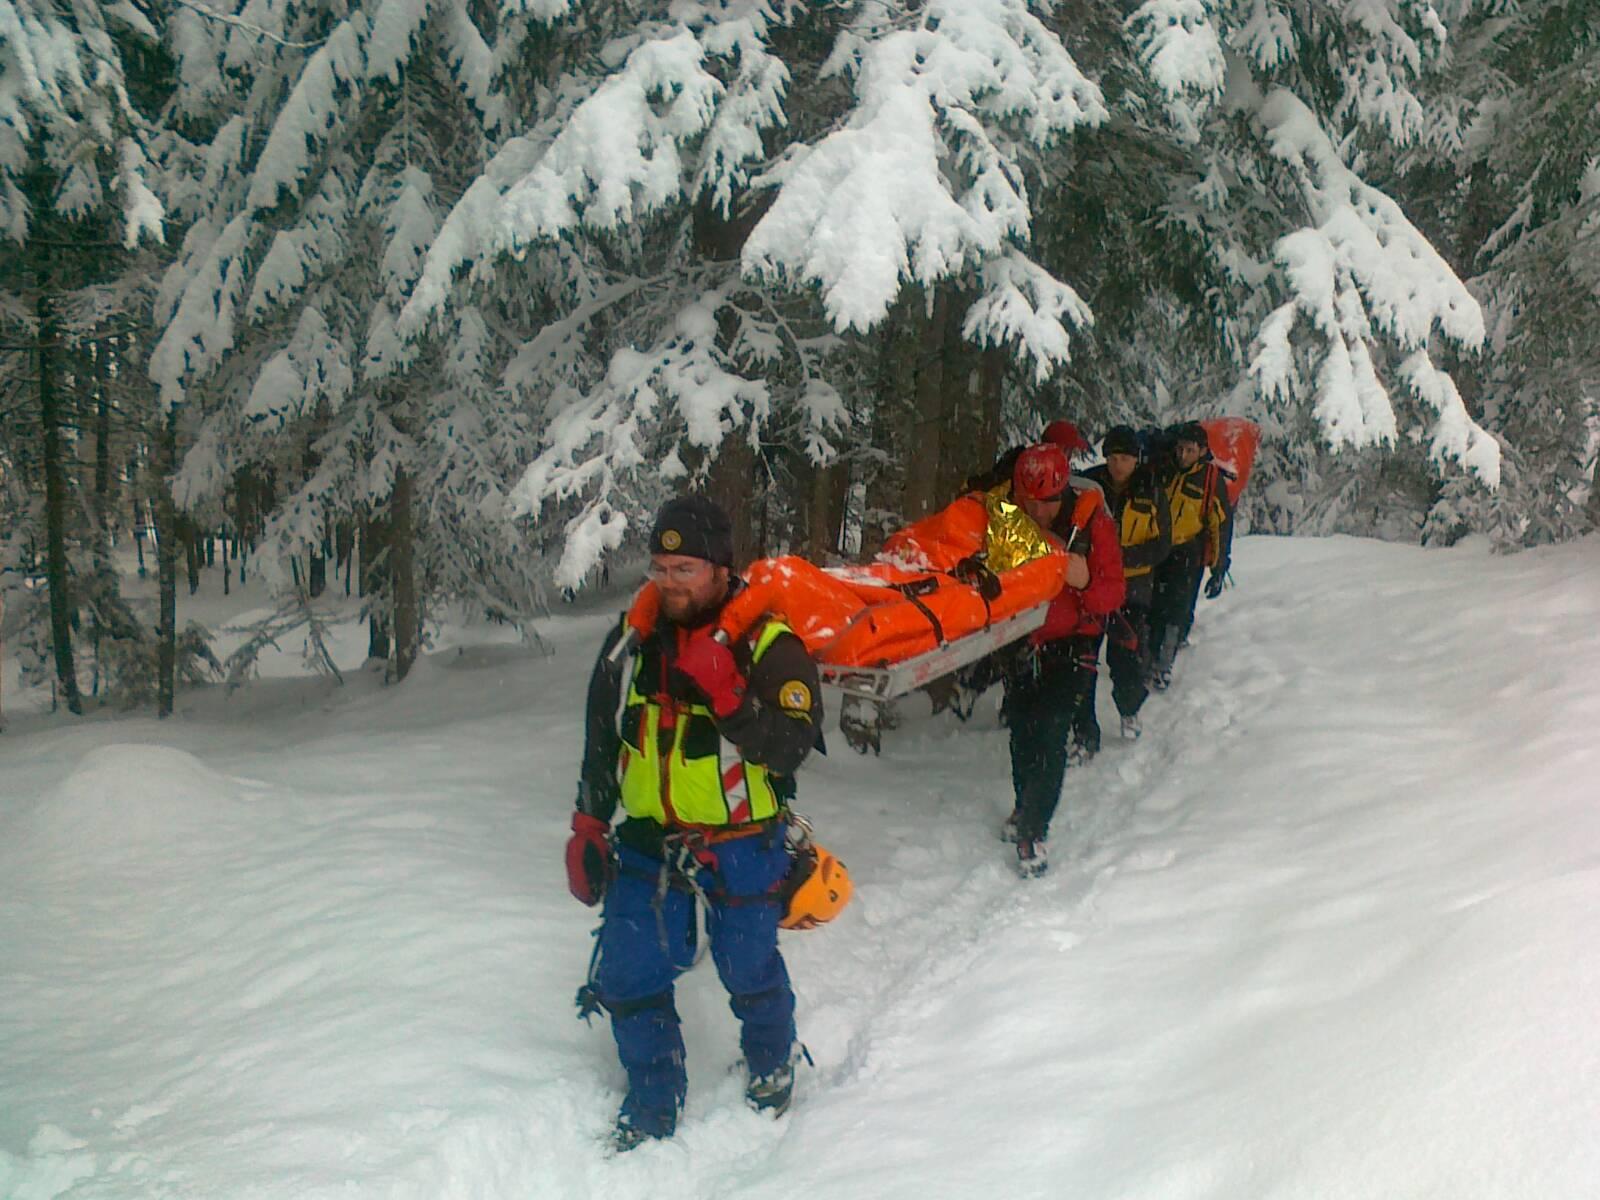 Sappada valanga investe alpinisti su cascata di ghiaccio - Specchio di biancaneve ...